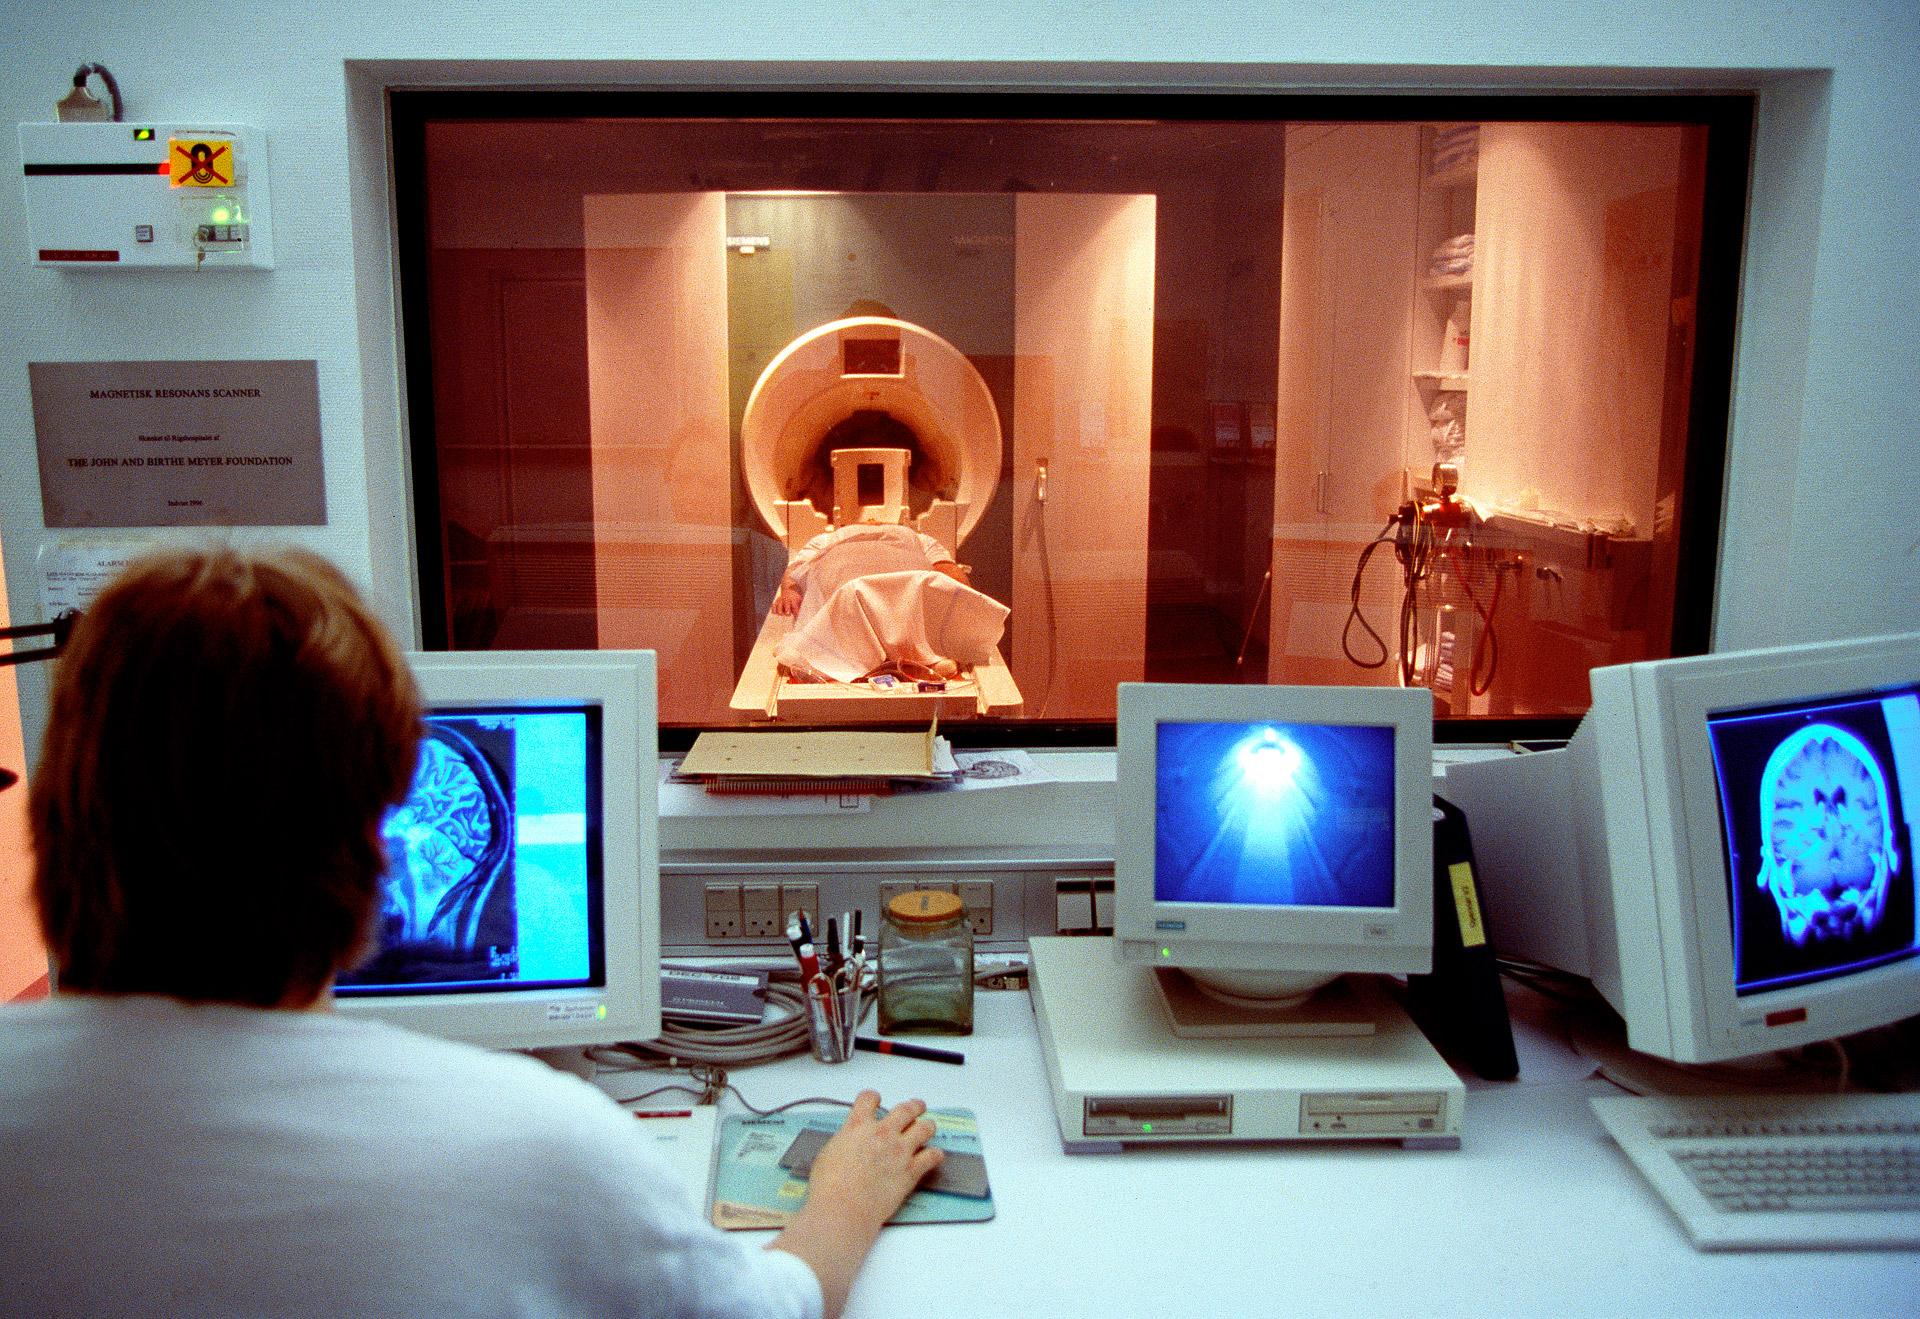 MR scanner at Rigshospitalet in Copenhagen Denmark